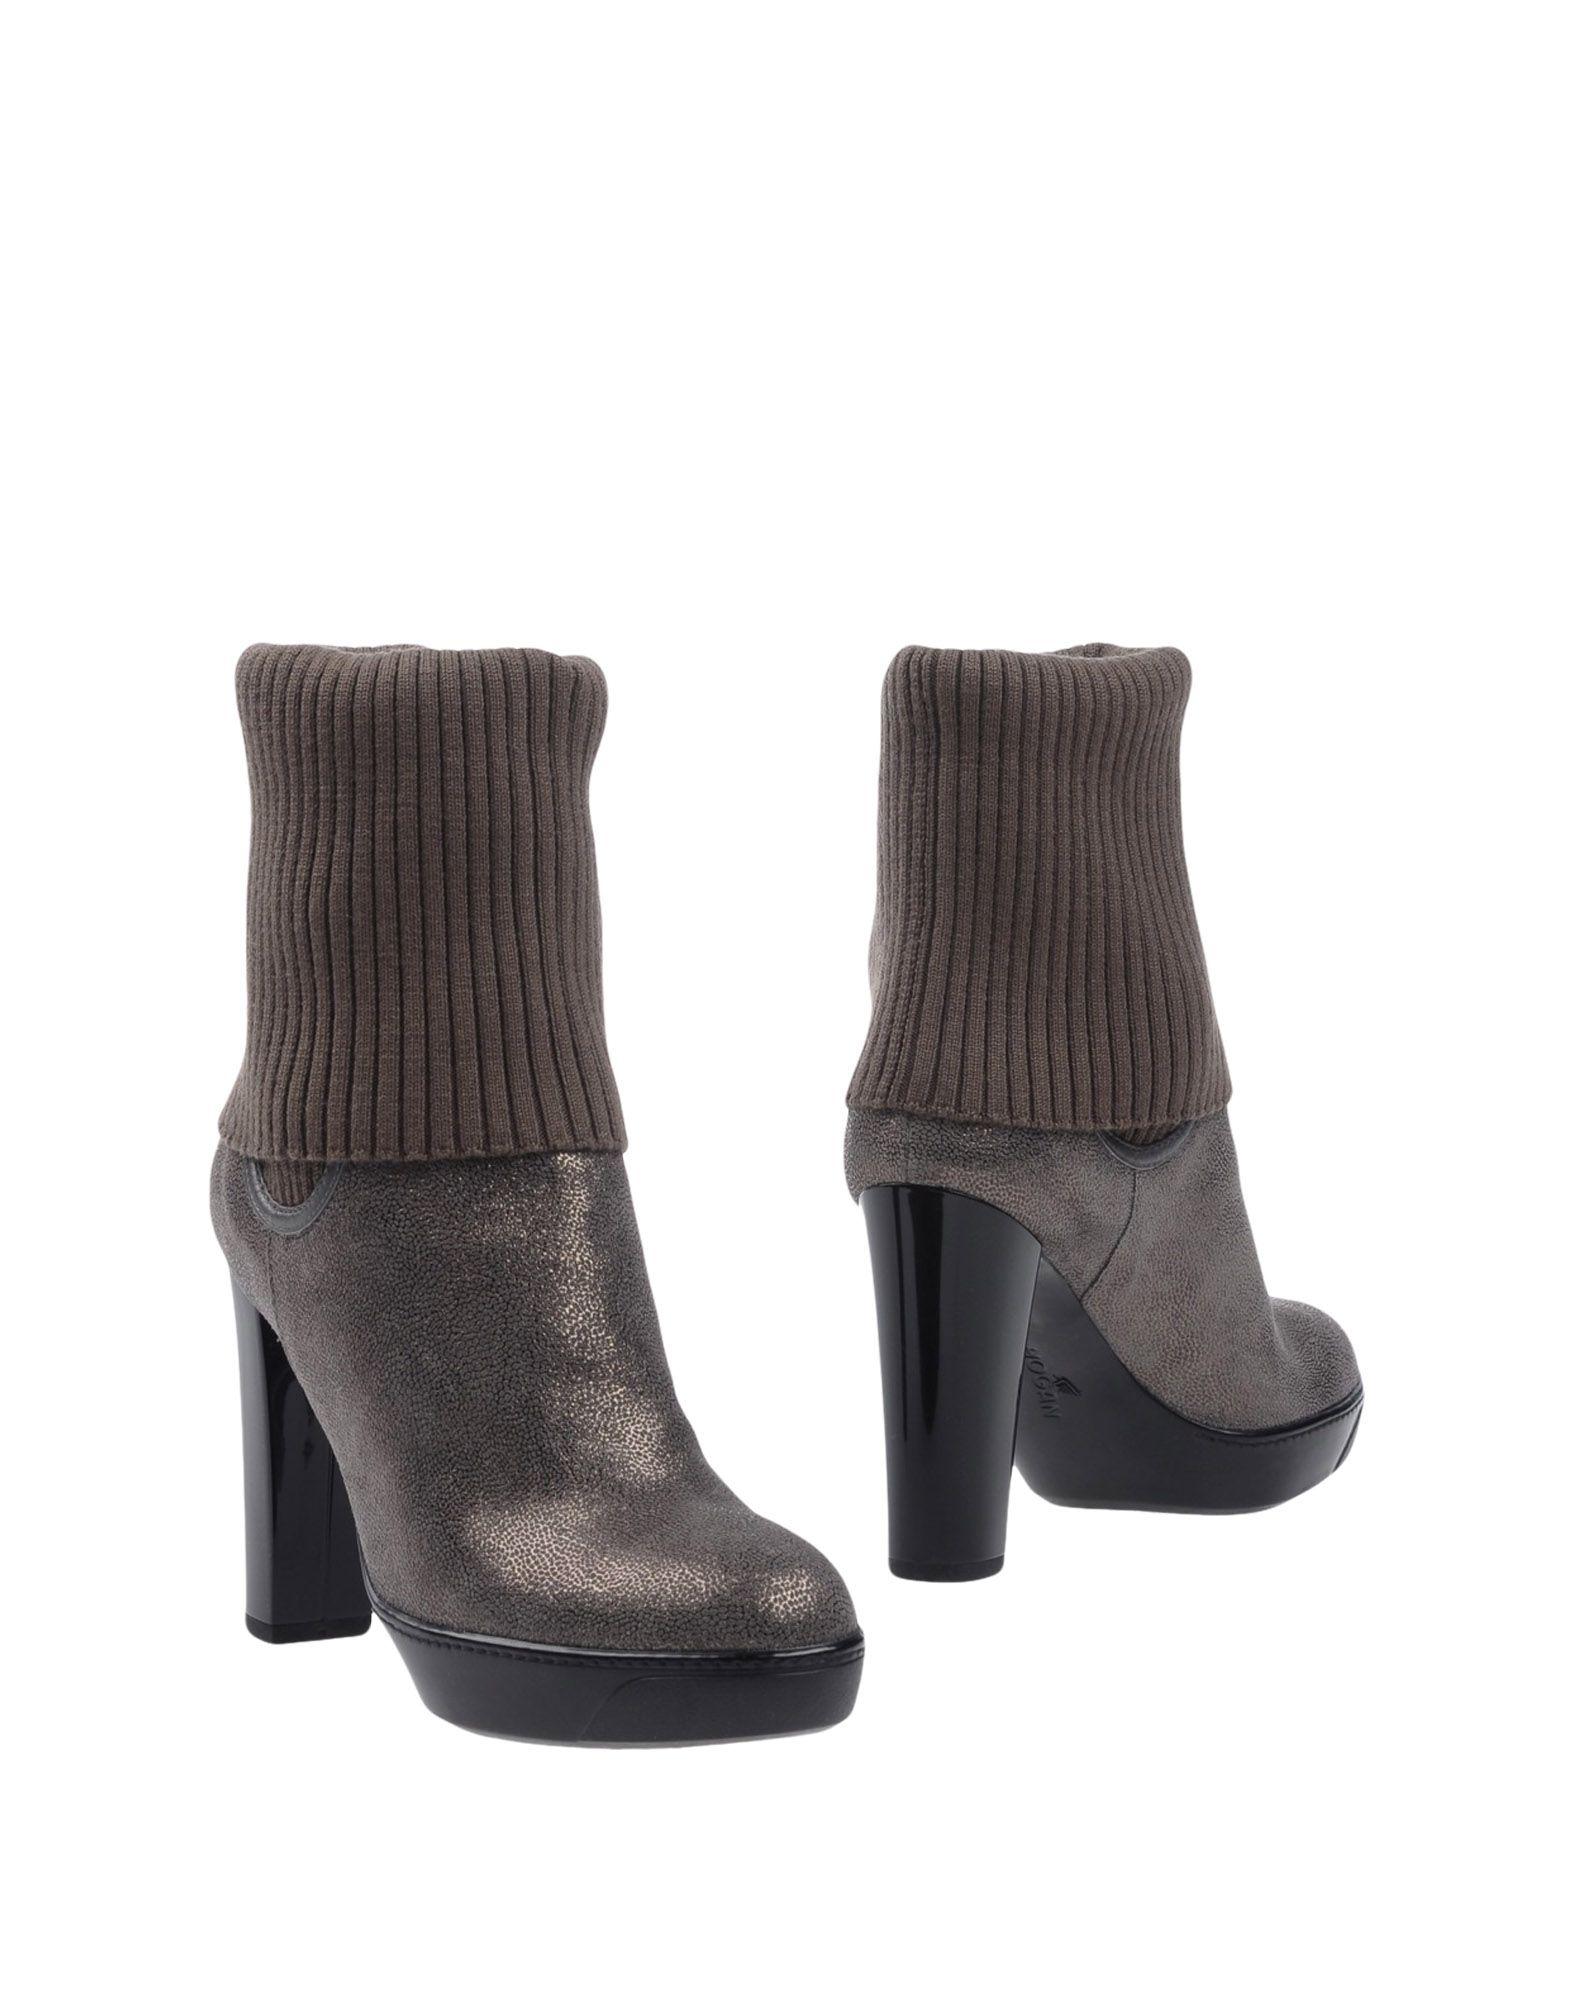 Hogan Stiefelette Damen  11299381MXGut aussehende strapazierfähige Schuhe